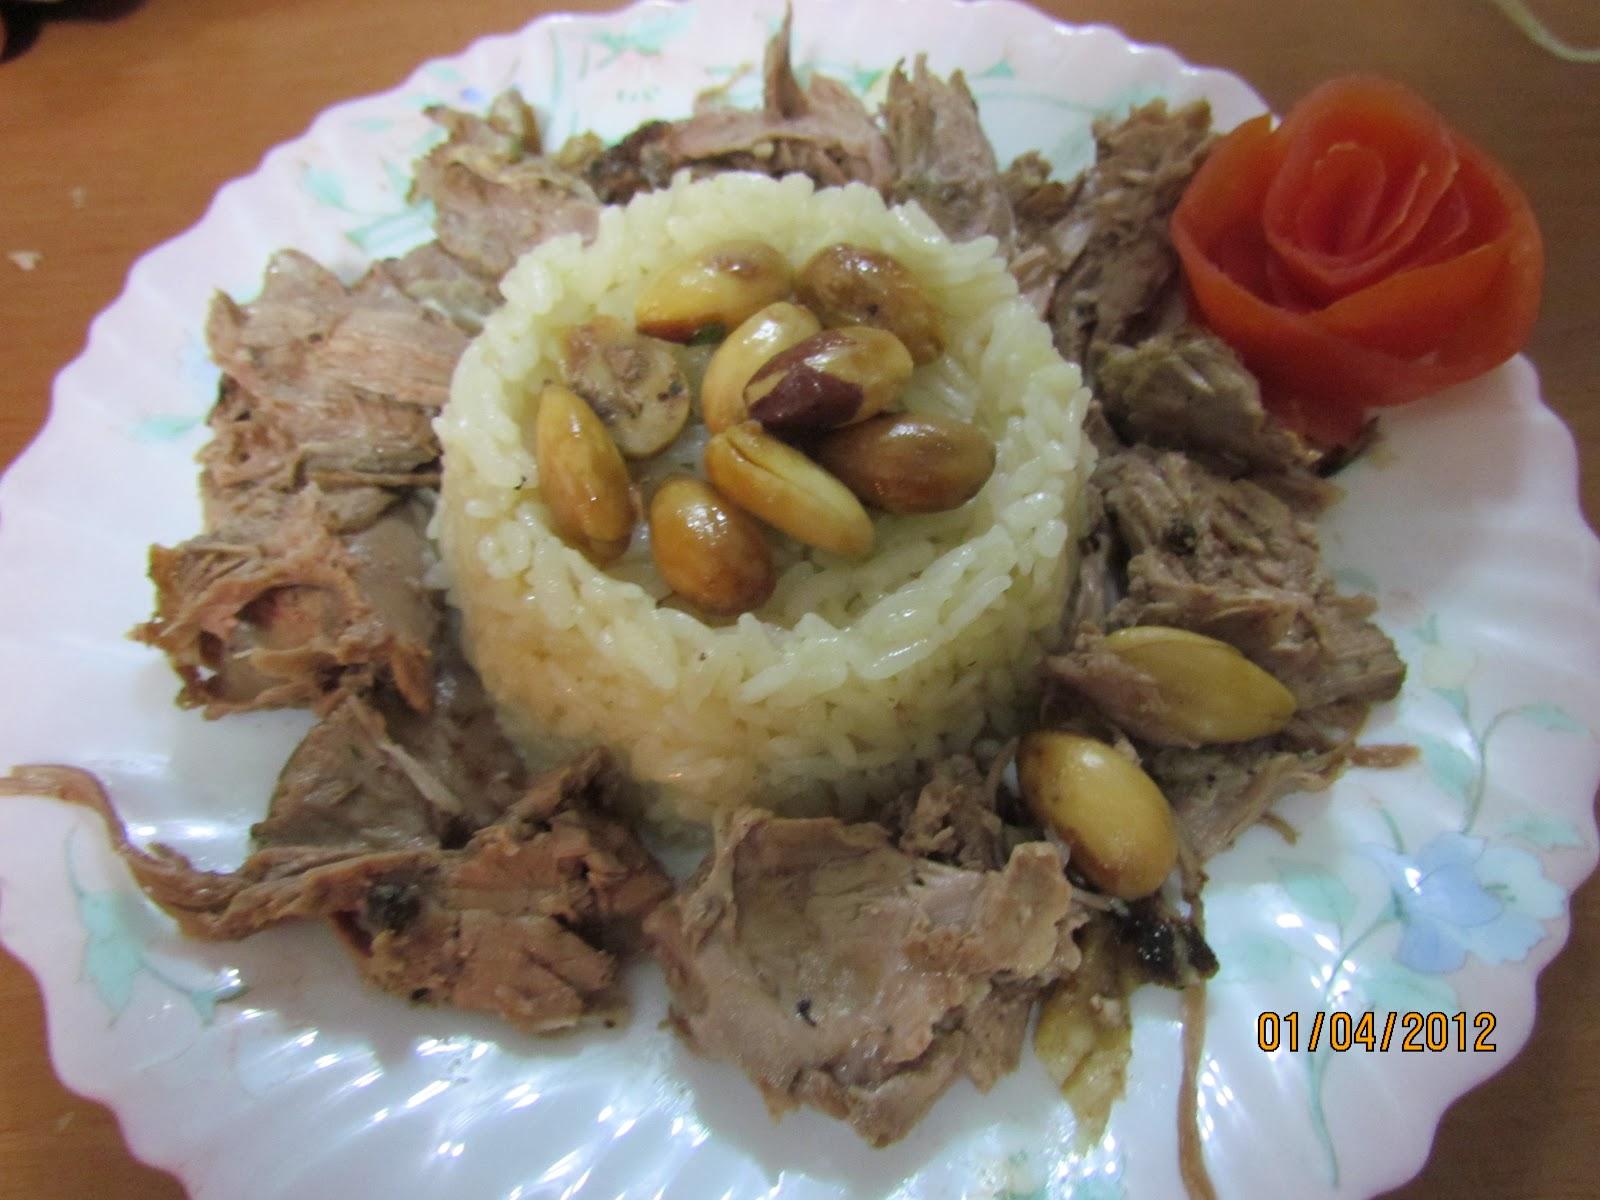 Alaca çorba tarifi oktay usta ile Etiketlenen Konular